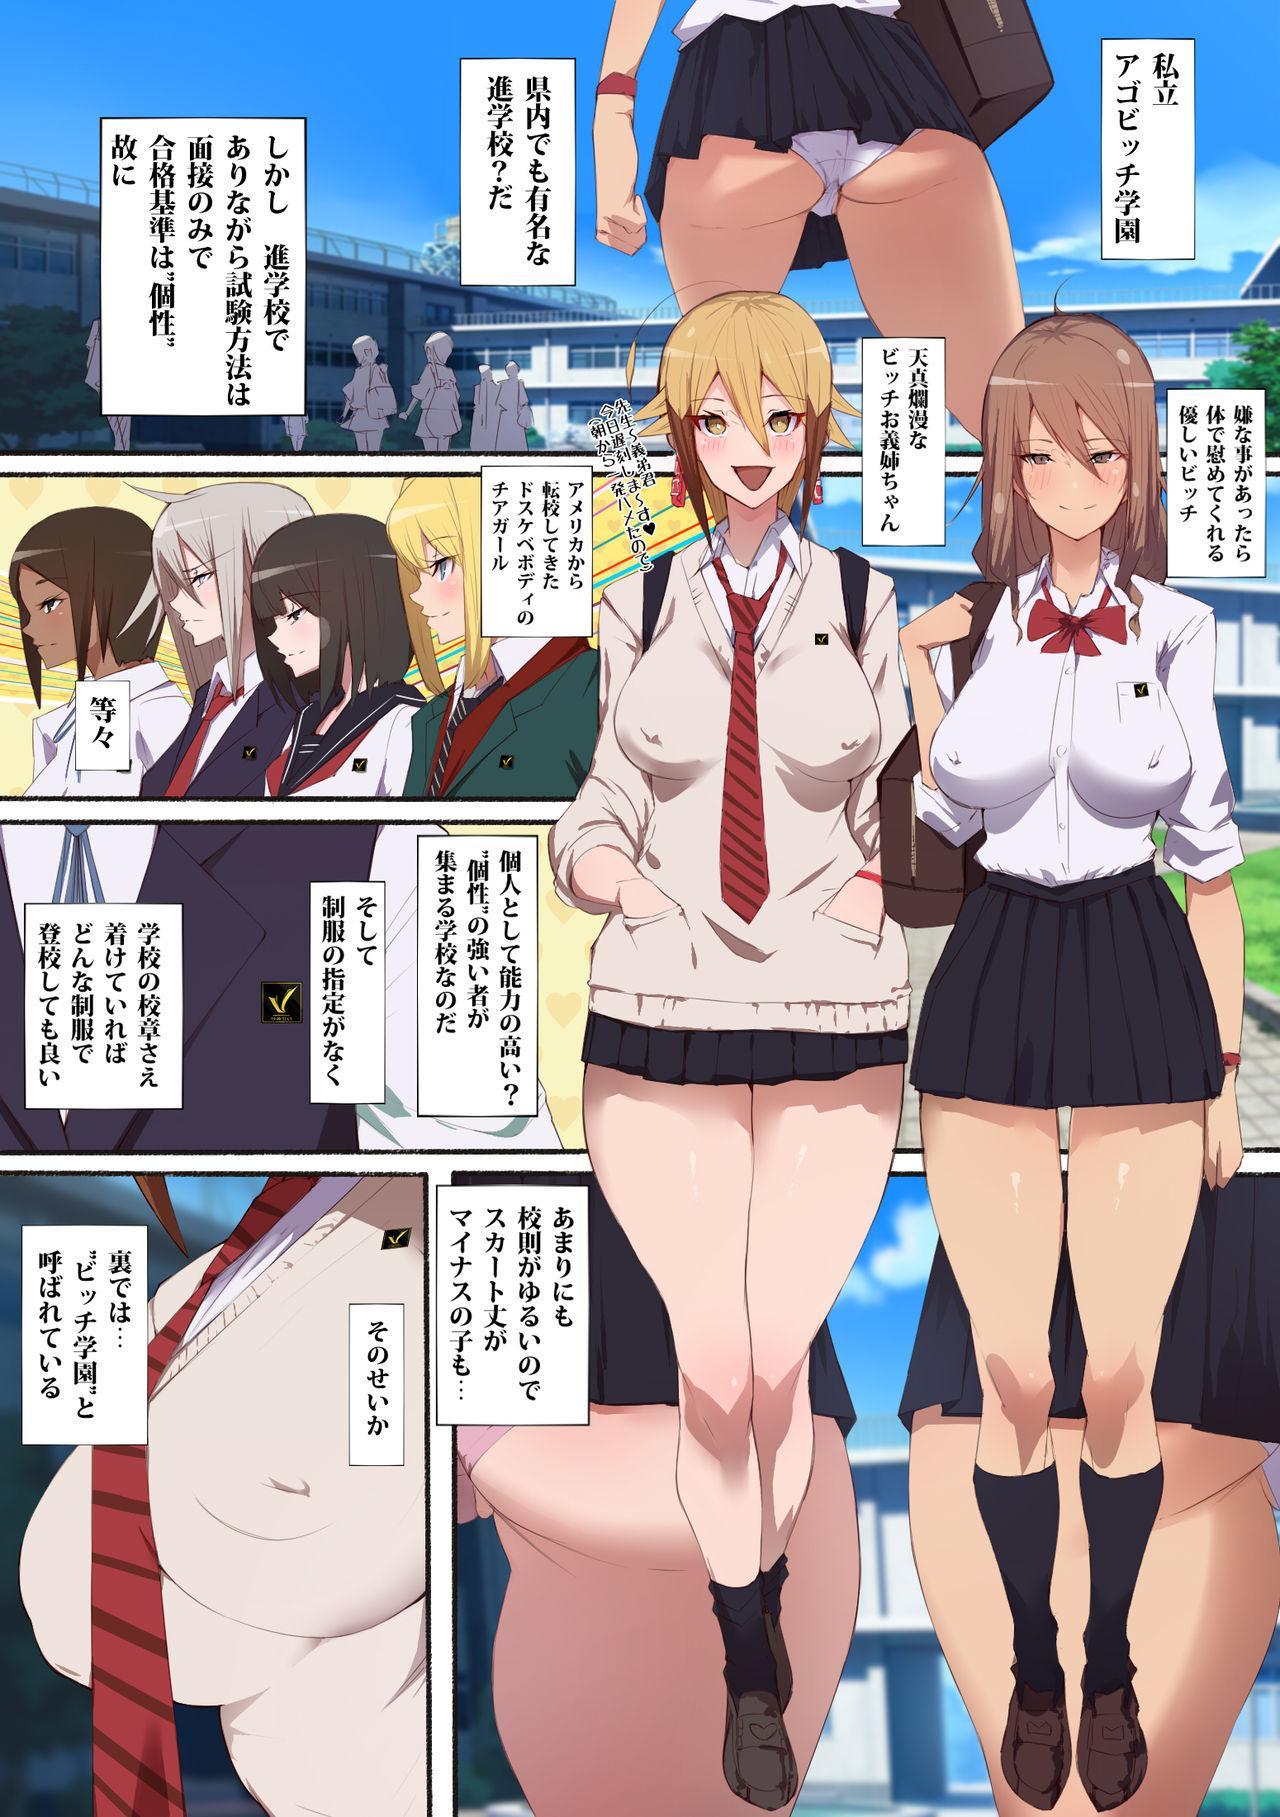 [Aikokusha (Agobitch Nee-san)] Seifuku Bishoujo 2gakki Ee!? Oshiri ni Koishiteru? Cheer Girl-chan to Dosukebe na Onnanoko-tachi dattee? 2